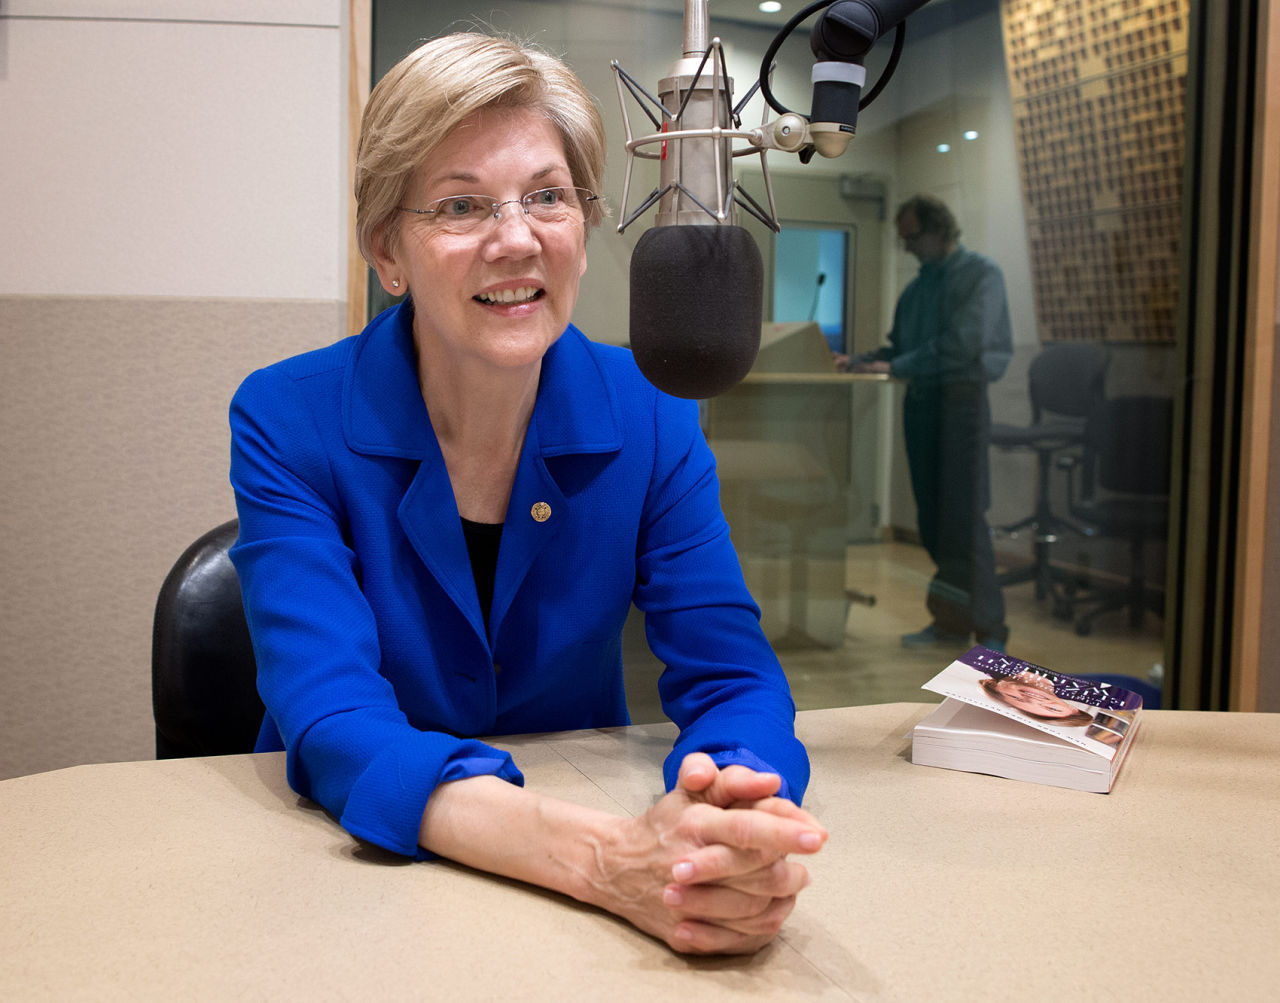 U.S. Sen. Elizabeth Warren at WBUR Monday (Robin Lubbock/WBUR)